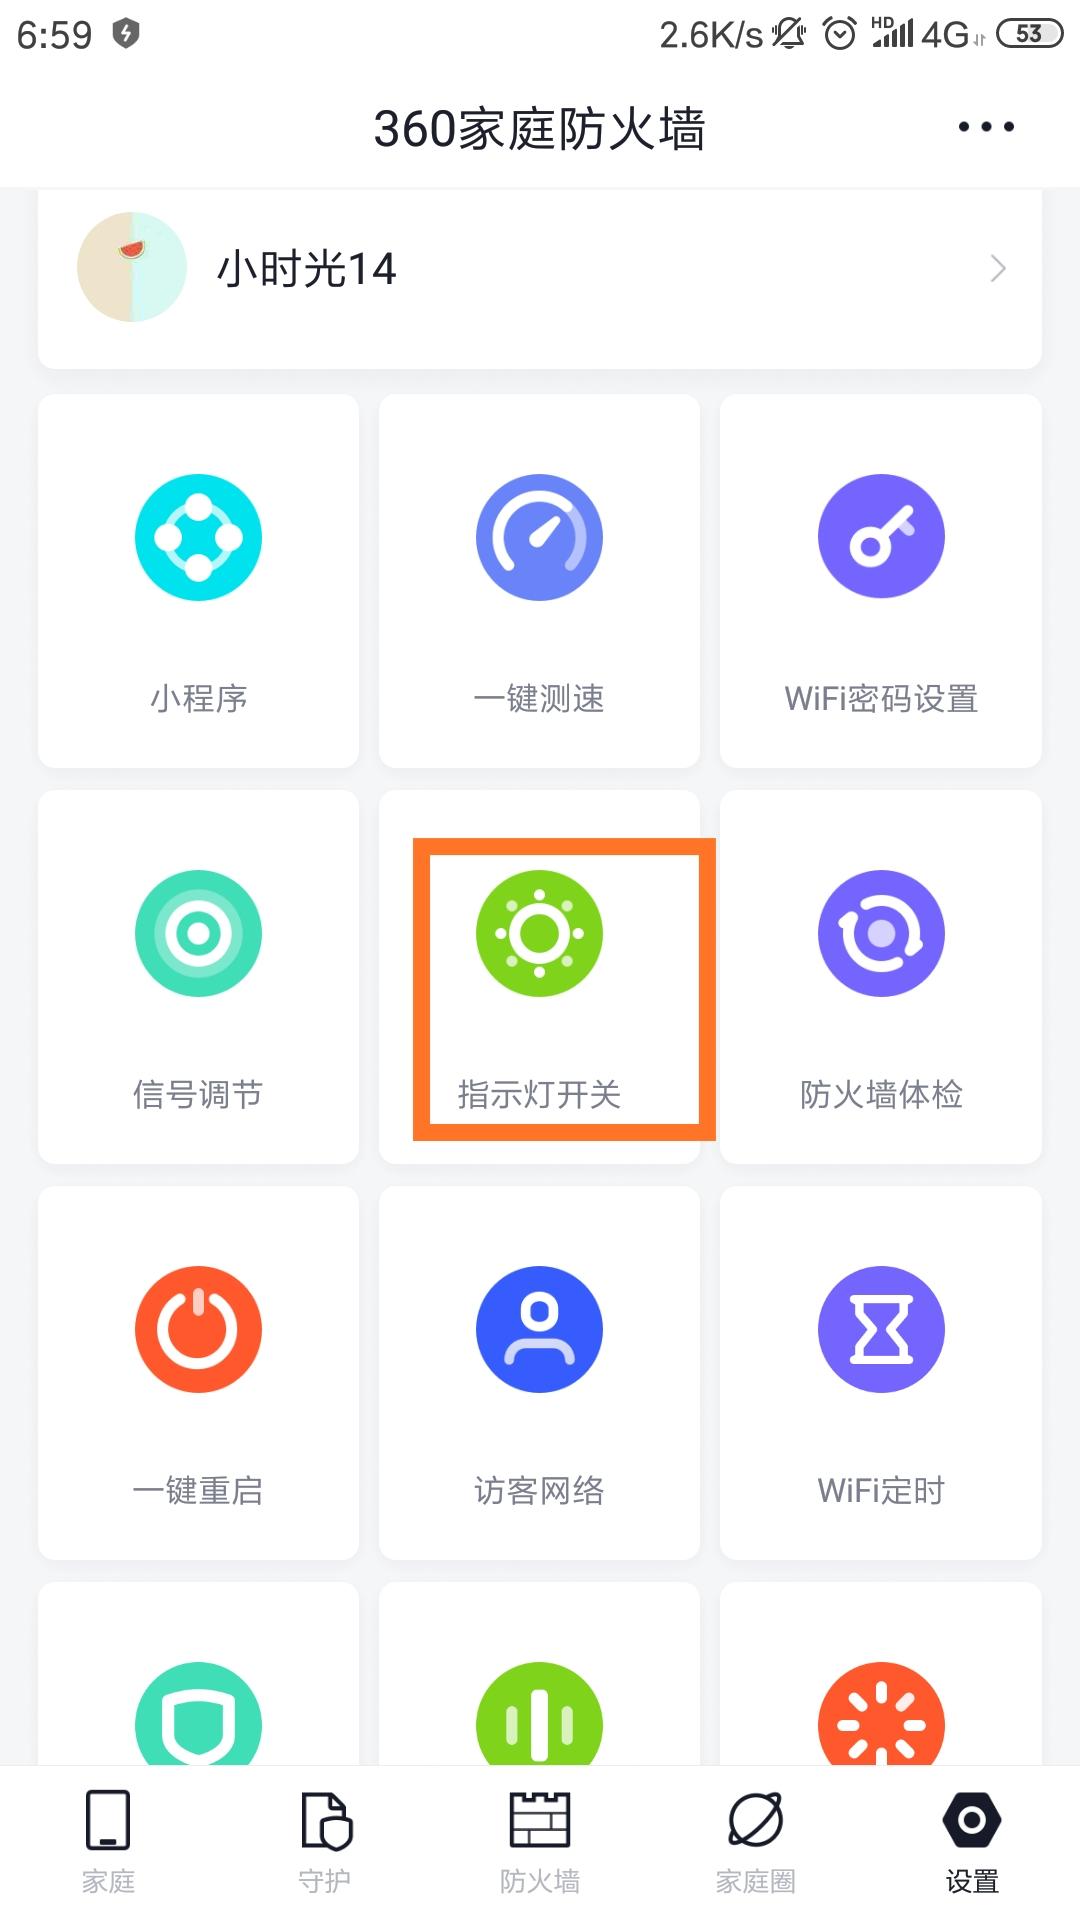 Screenshot_2019-04-30-06-59-35-468_com.qihoo.srouter.n300.png